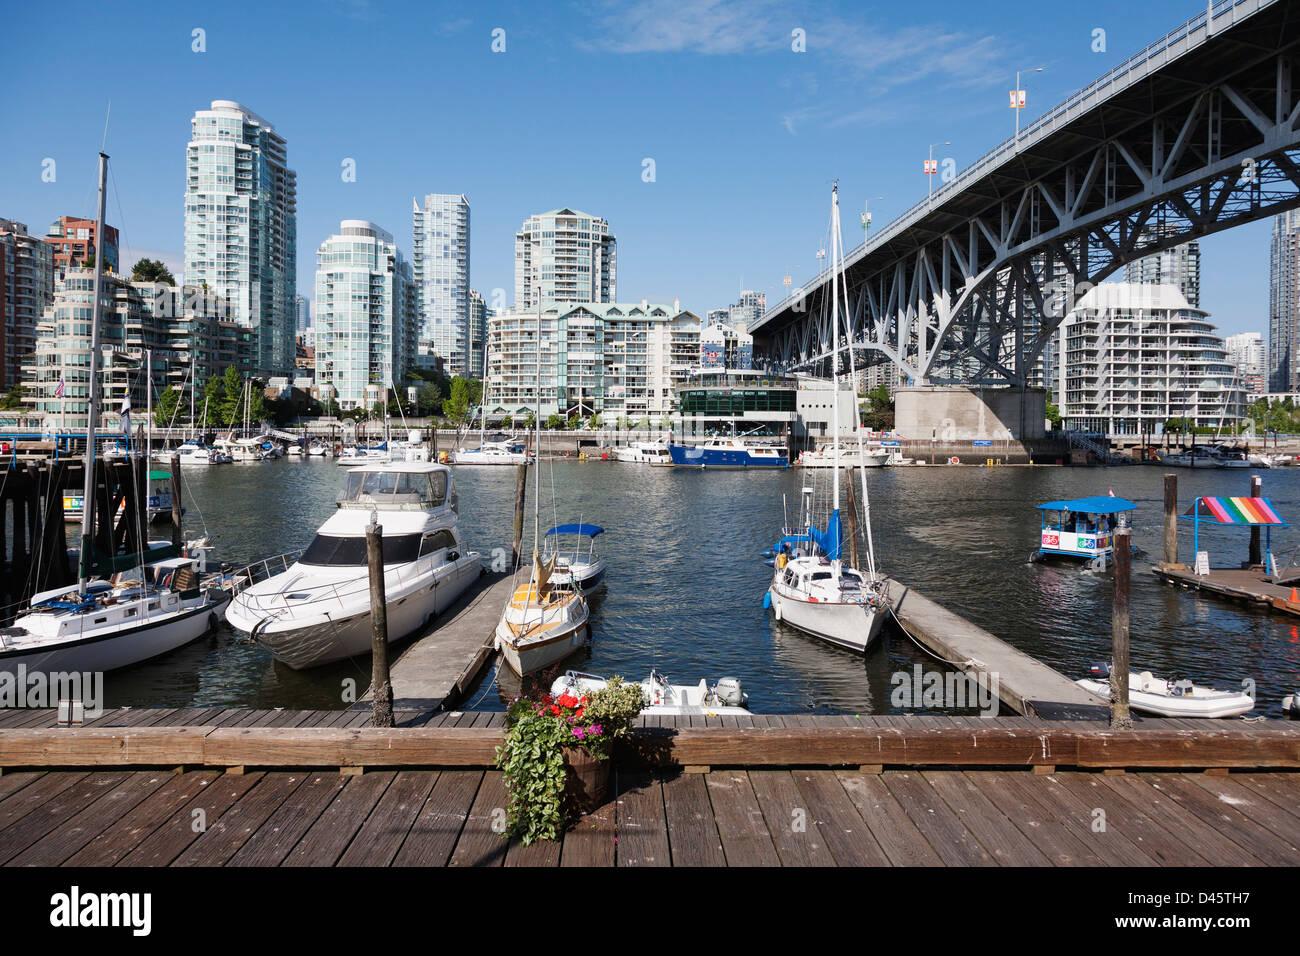 Los barcos atracaron en la isla de Granville, Vancouver, British Columbia, Canadá Imagen De Stock